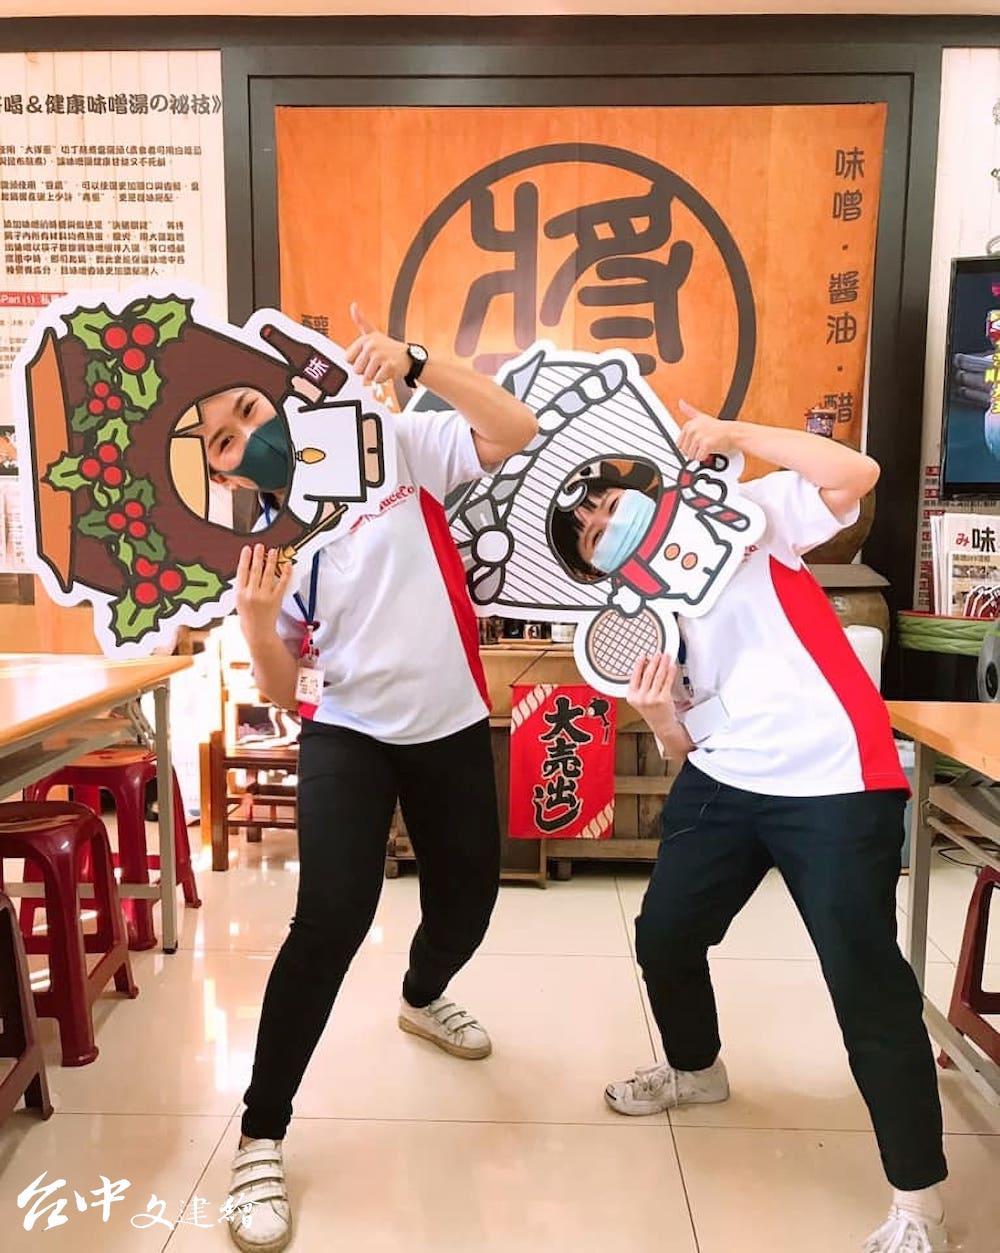 到台灣味噌釀造文化館,與吉祥物合照打卡,即可獲得好禮。(圖:業者提供)